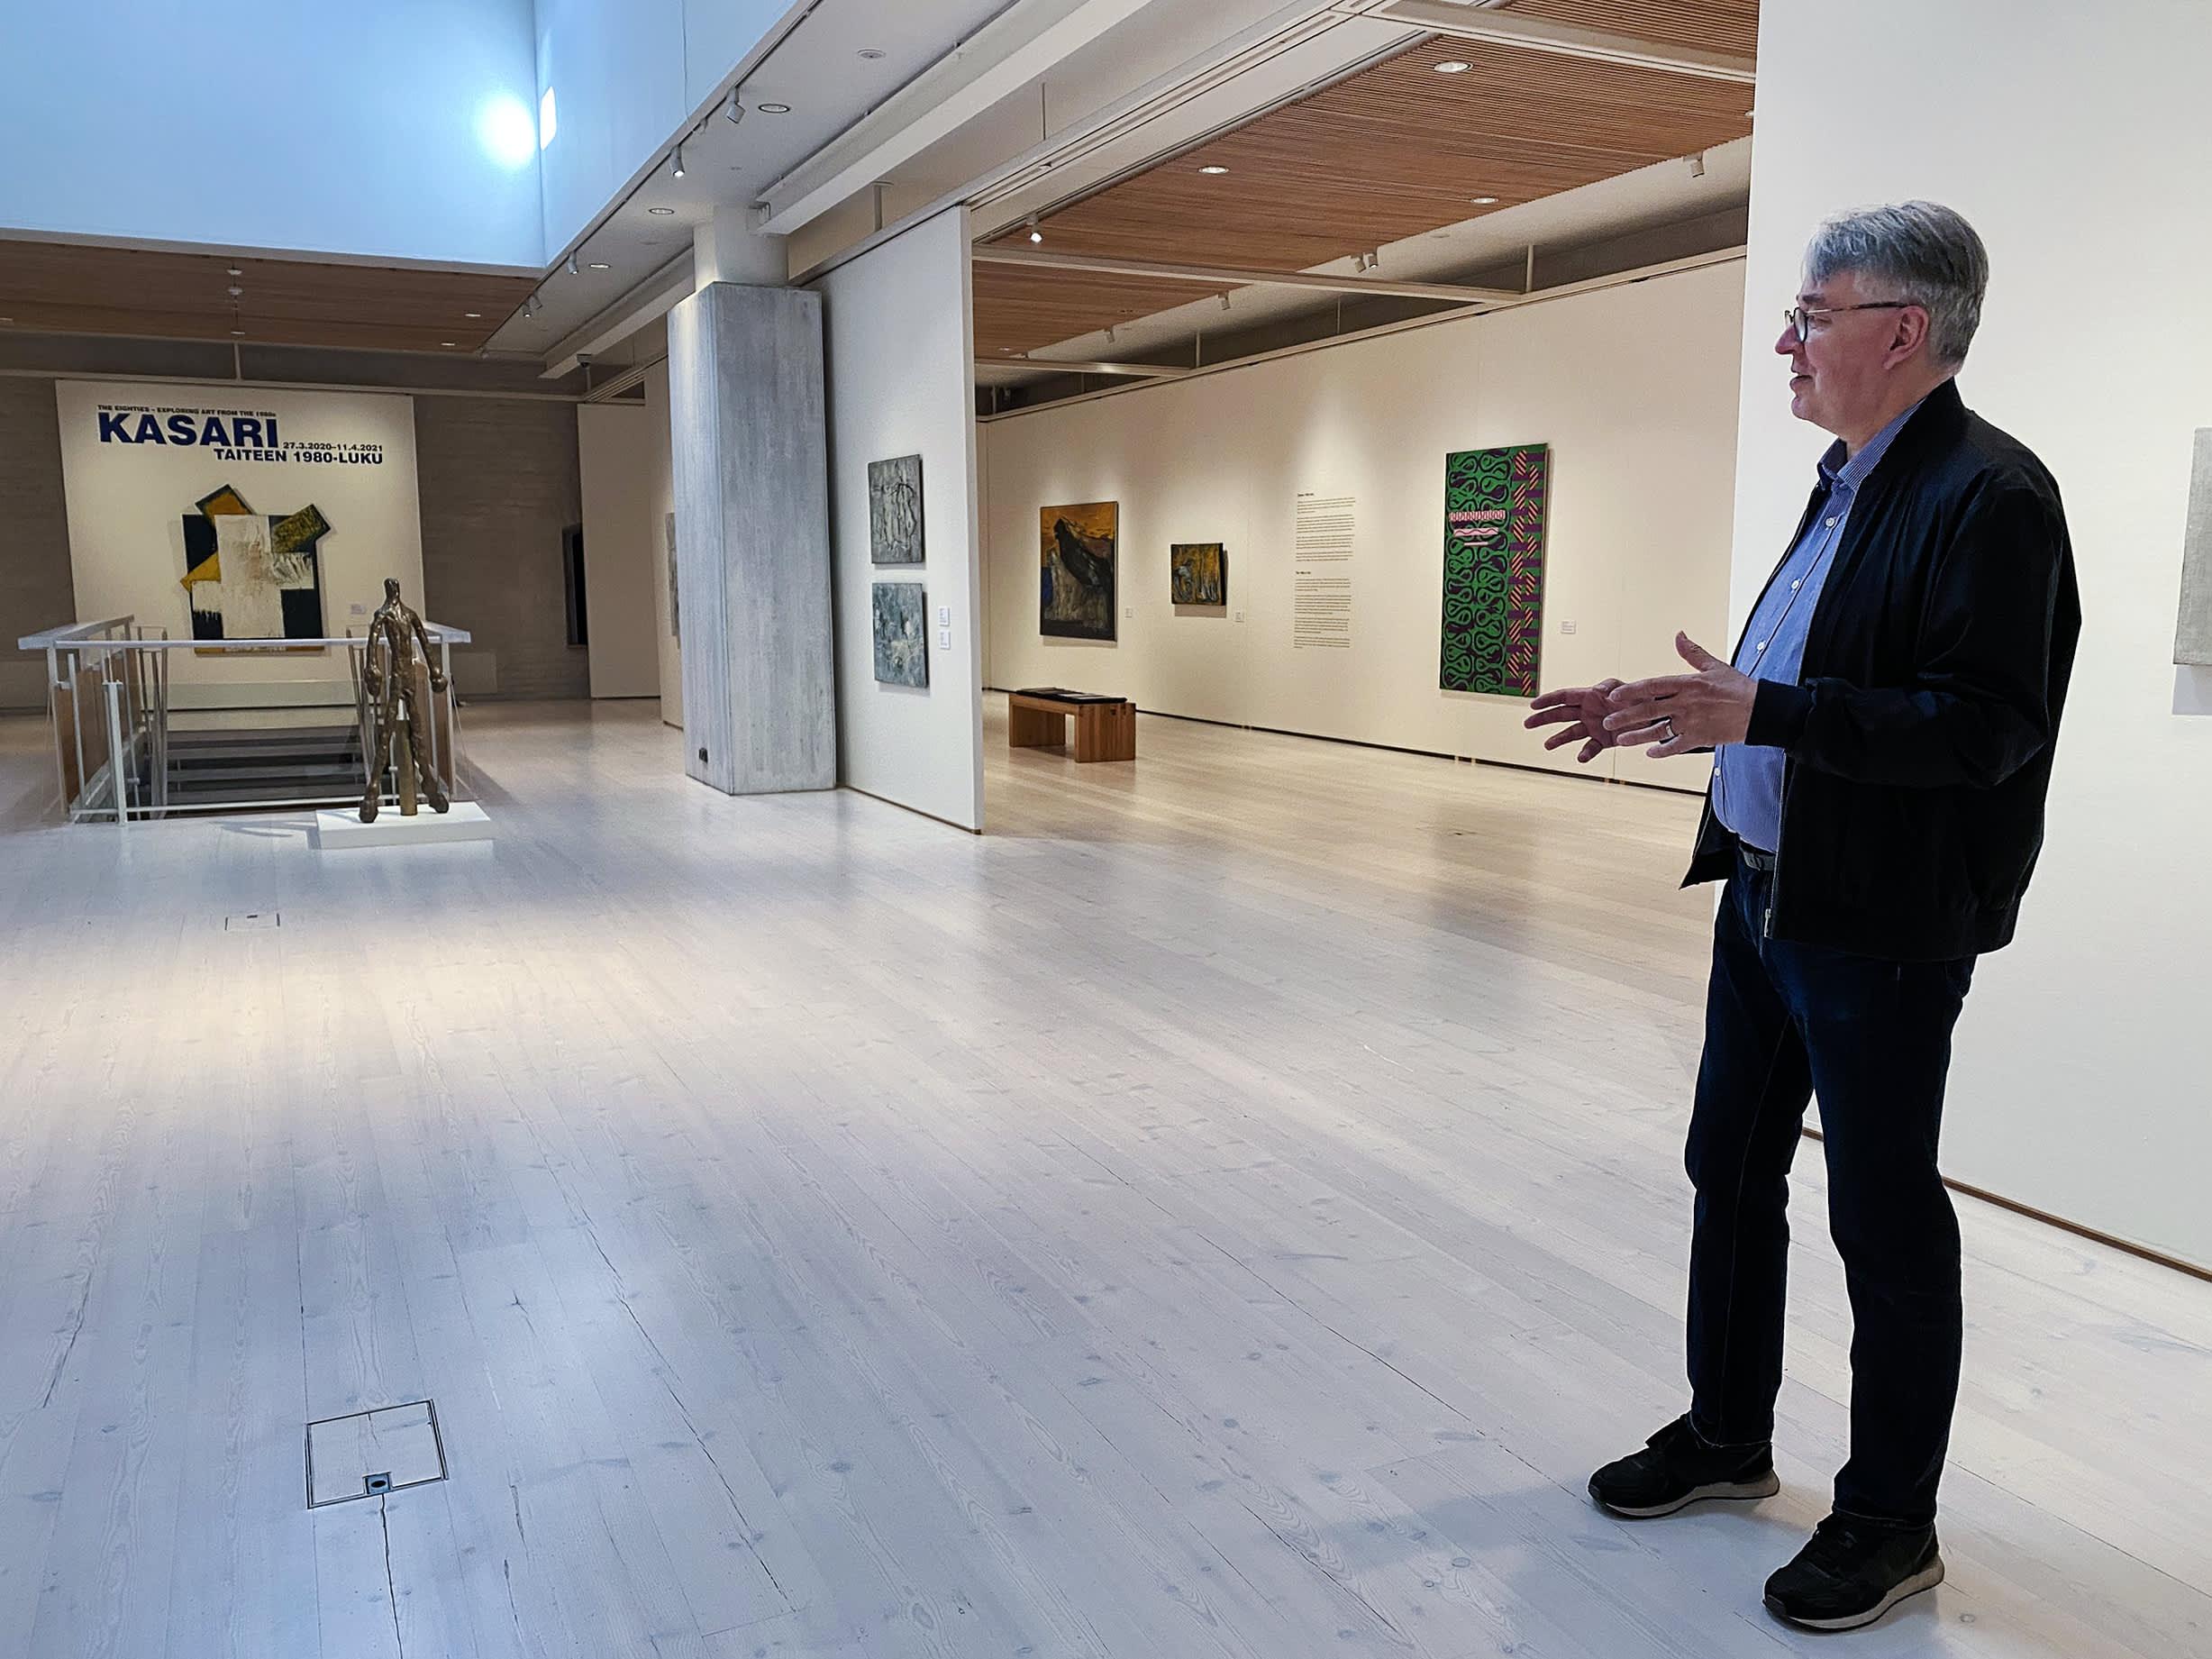 Mies kertoo taidenäyttelystä taidemuseossa.